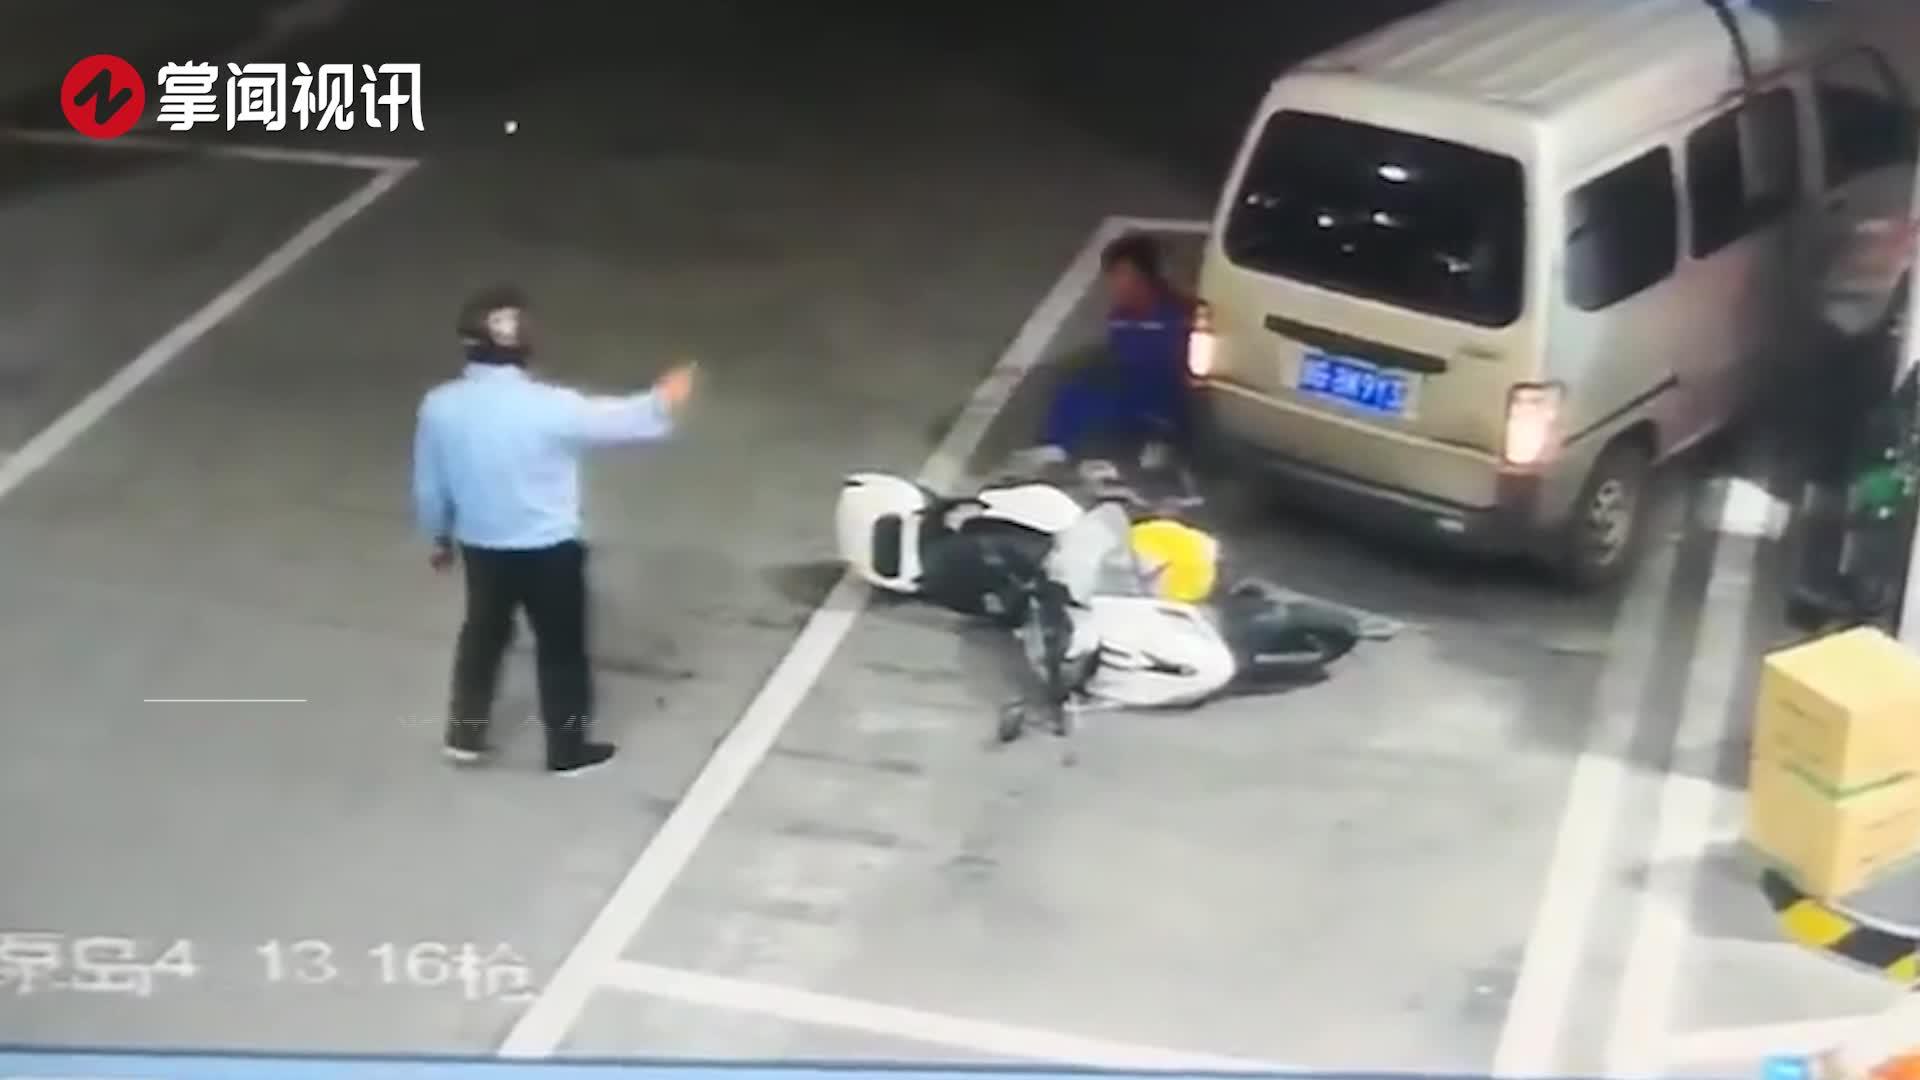 面包车冲进加油站撞倒加油员 司机:心慌找不到刹车板